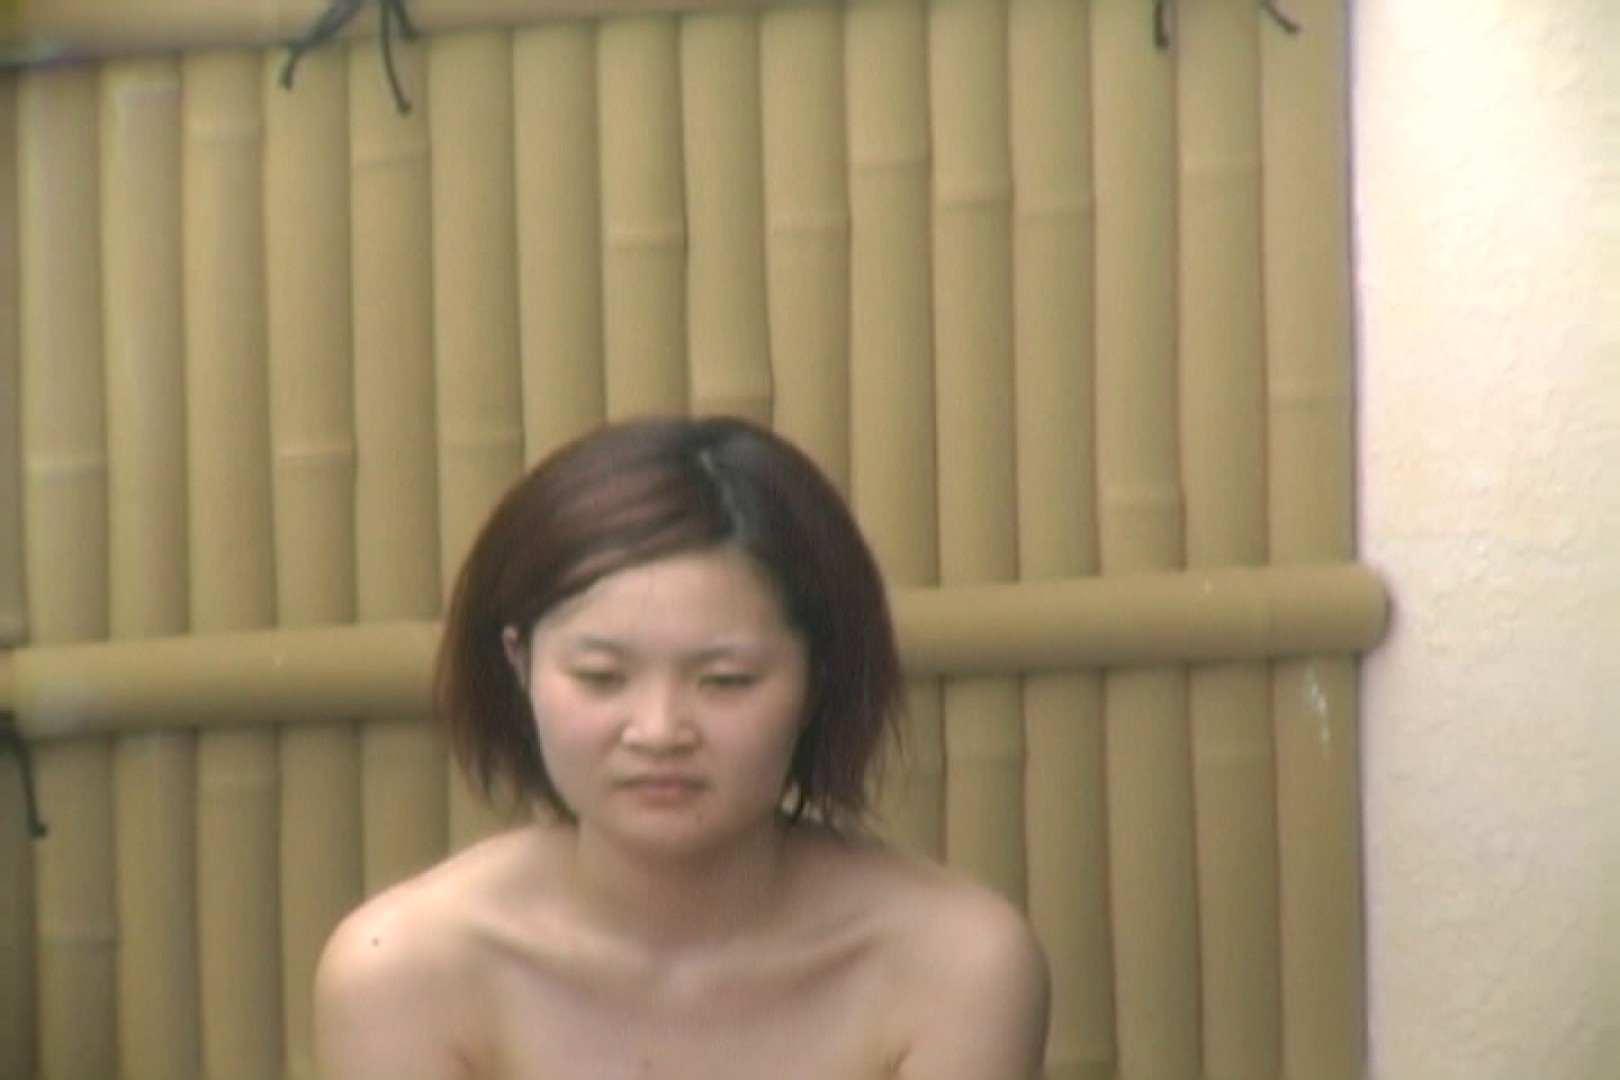 Aquaな露天風呂Vol.11【VIP】 OLエロ画像 覗き性交動画流出 85PICs 29